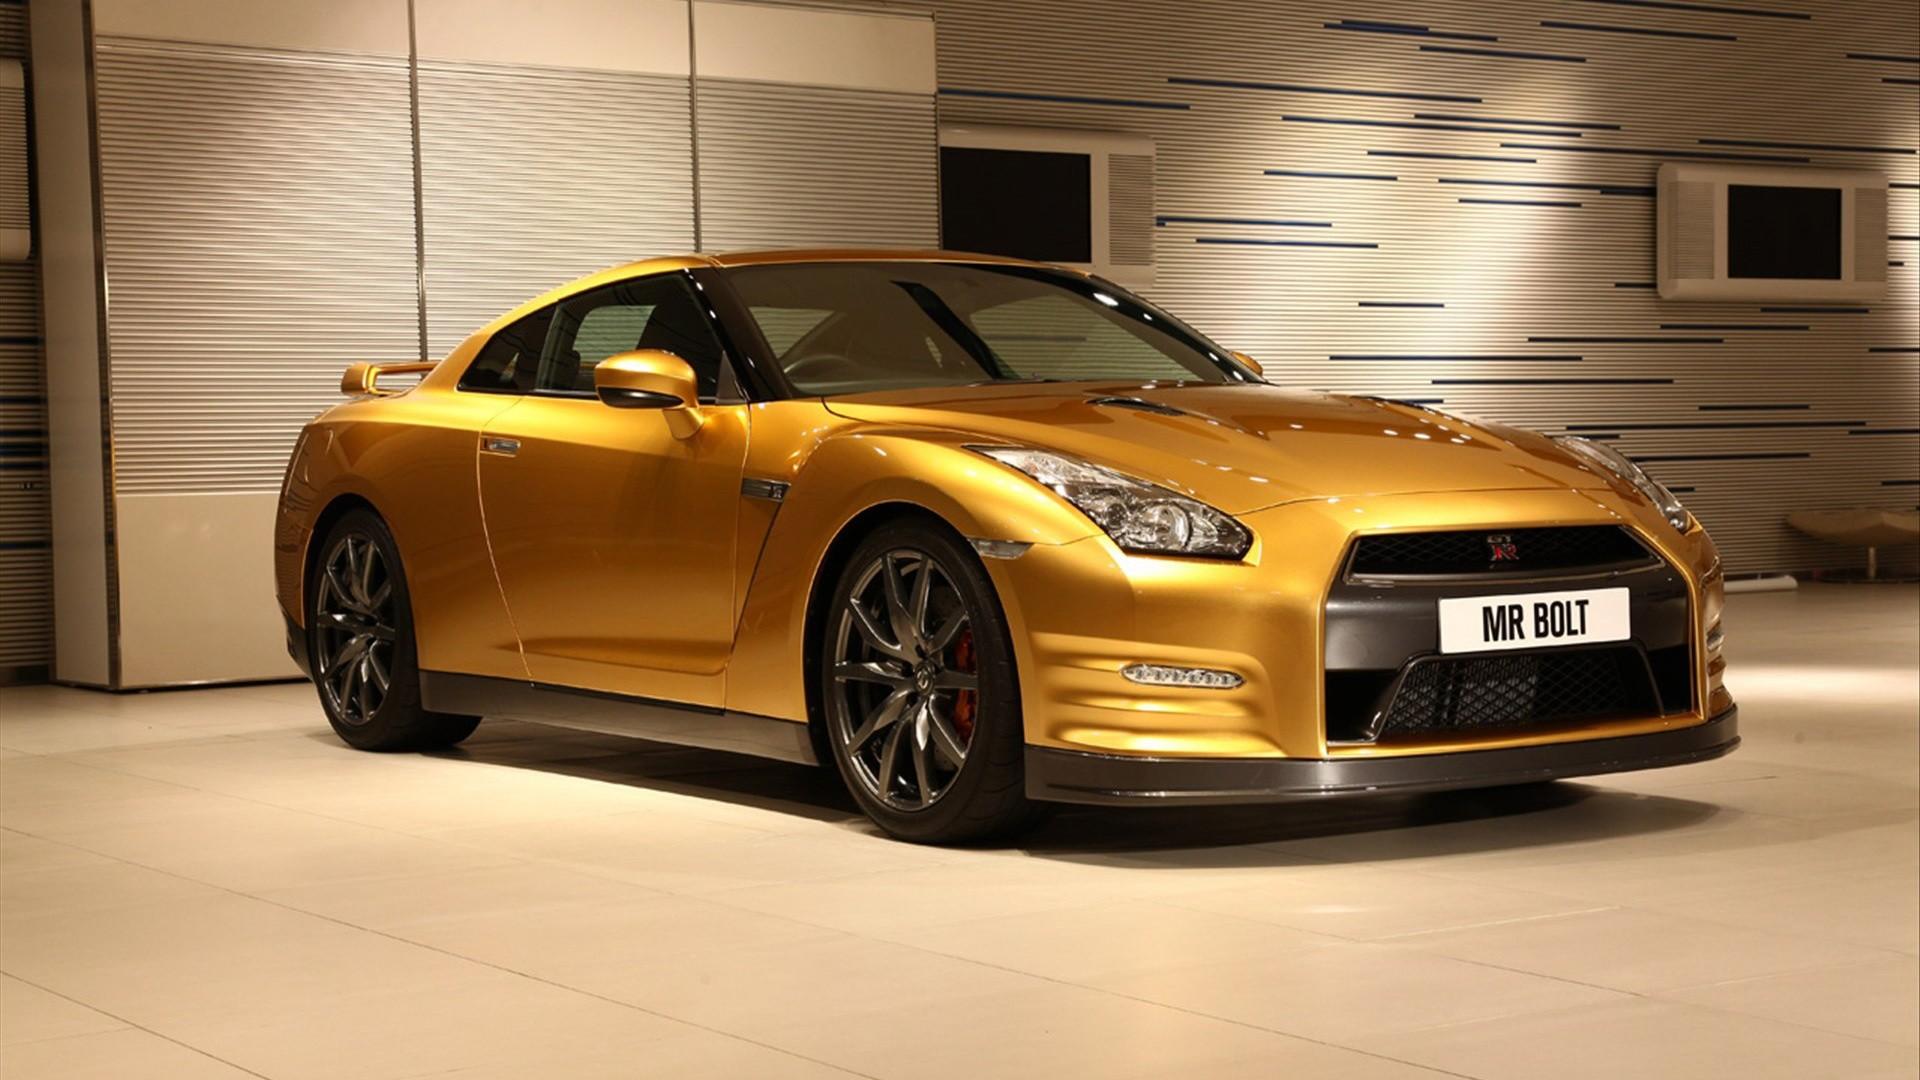 Wallpaper: Nissan GT R Gold